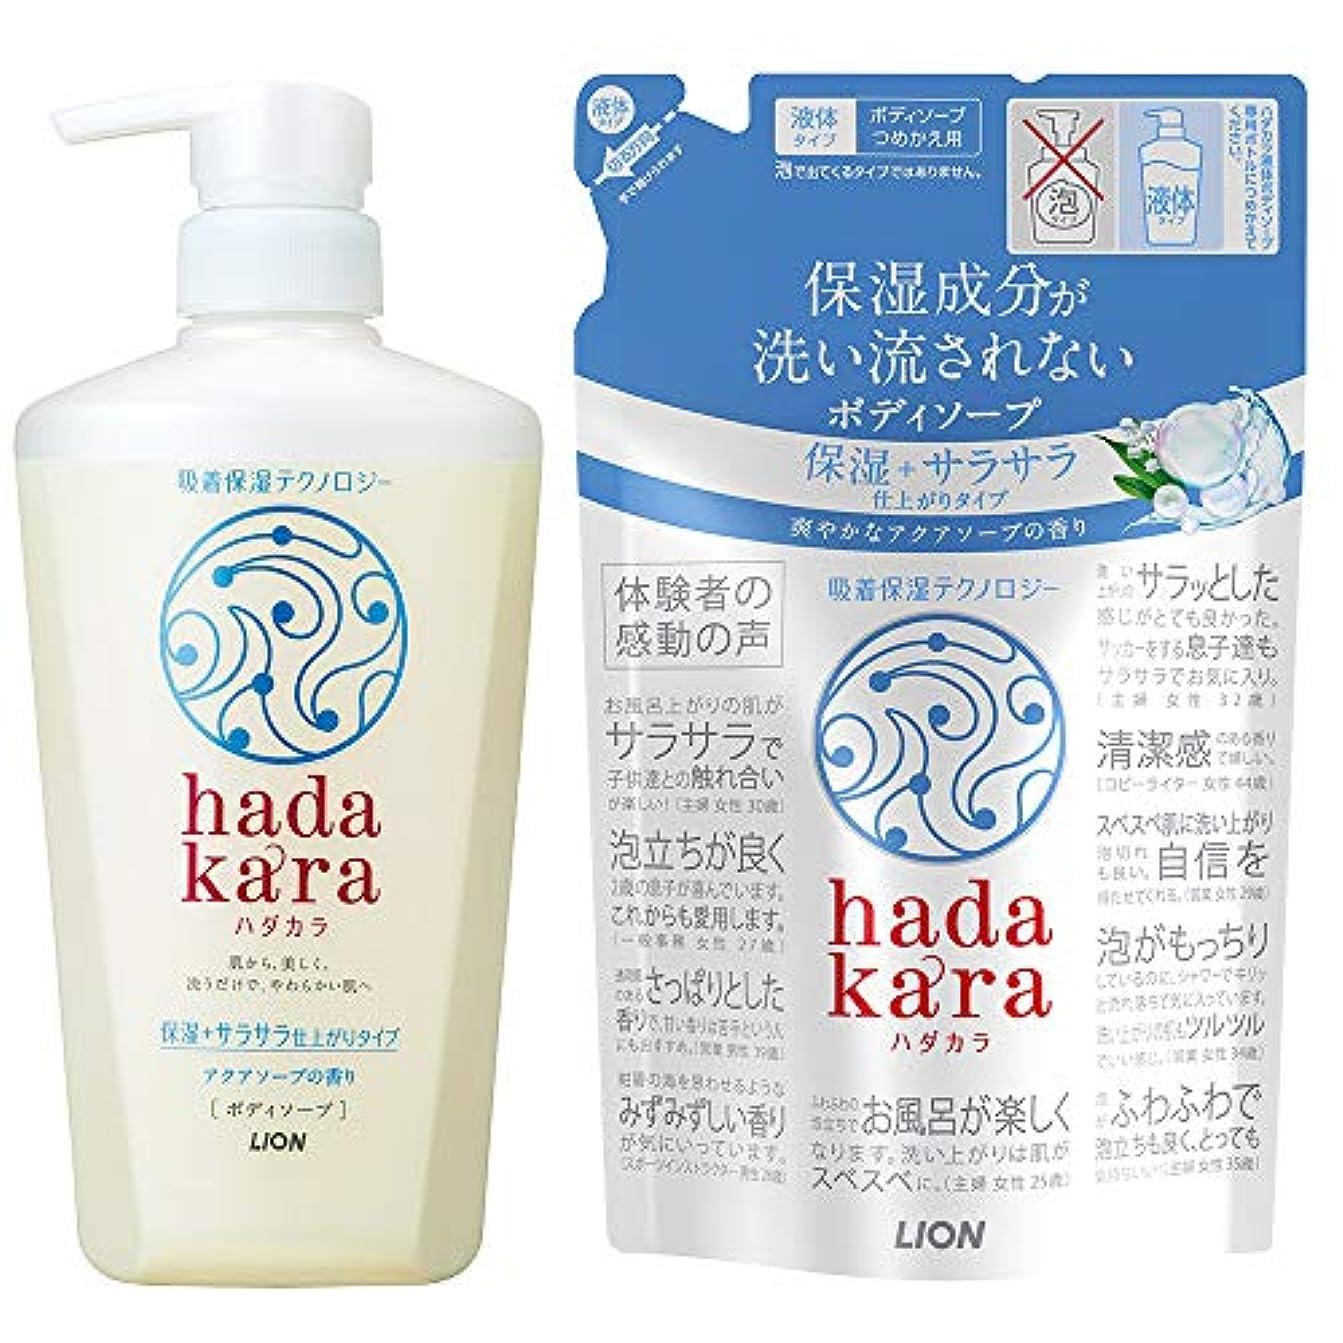 鋭くストリップ折るhadakara(ハダカラ)ボディソープ 保湿+サラサラ仕上がりタイプ アクアソープの香り 本体 480ml + つめかえ 340ml